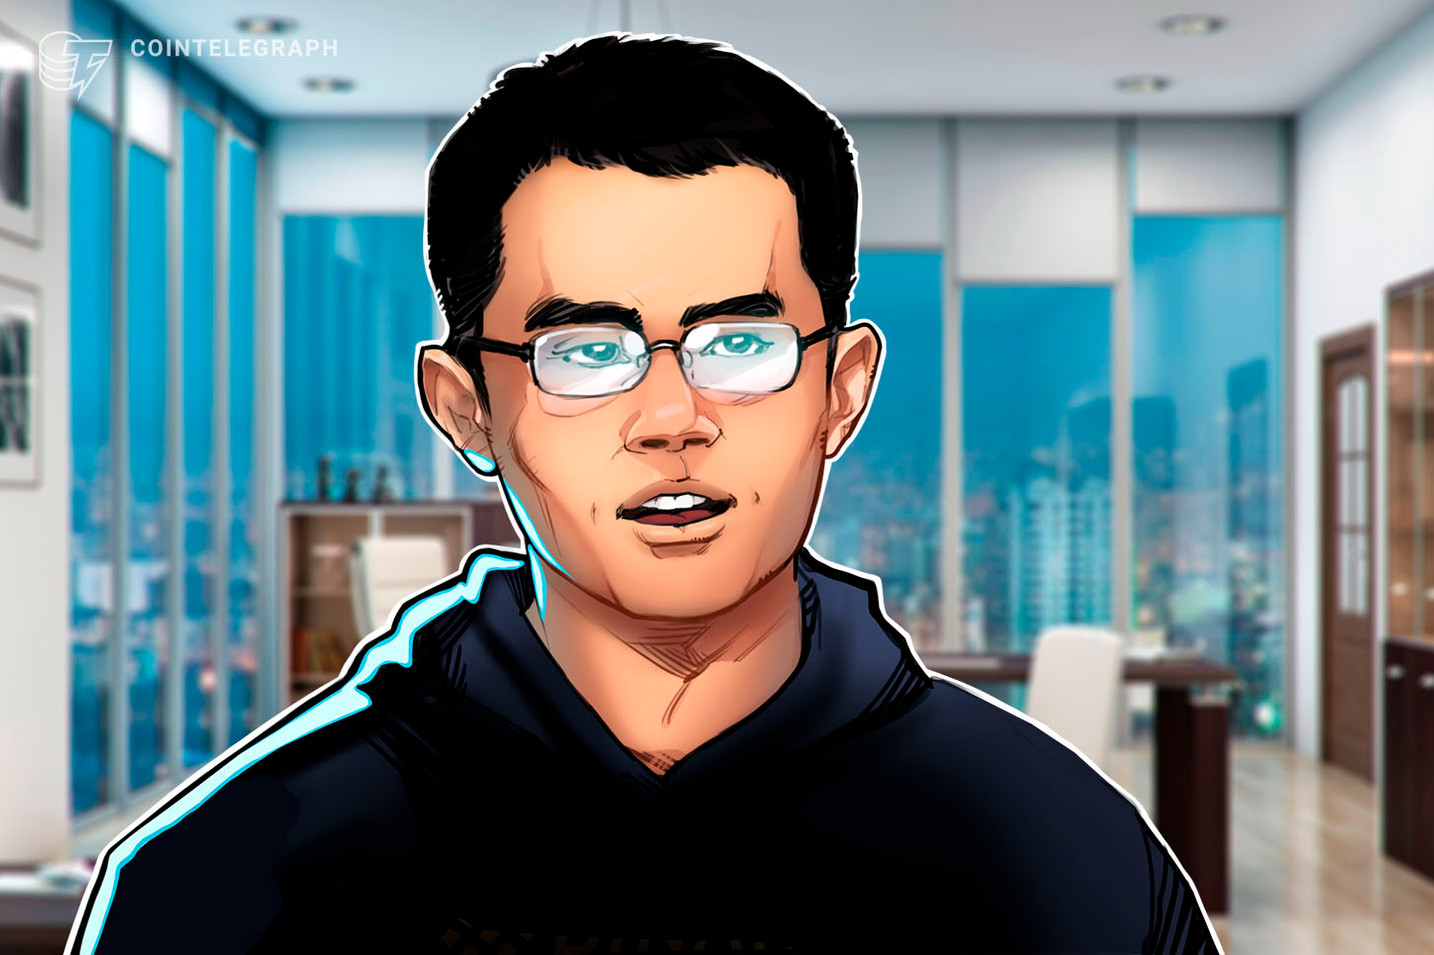 El CEO de Binance aborda las preocupaciones en vivo después del hackeo de USD 40 millones en BTC, rechaza la idea de una reorientación de la Blockchain